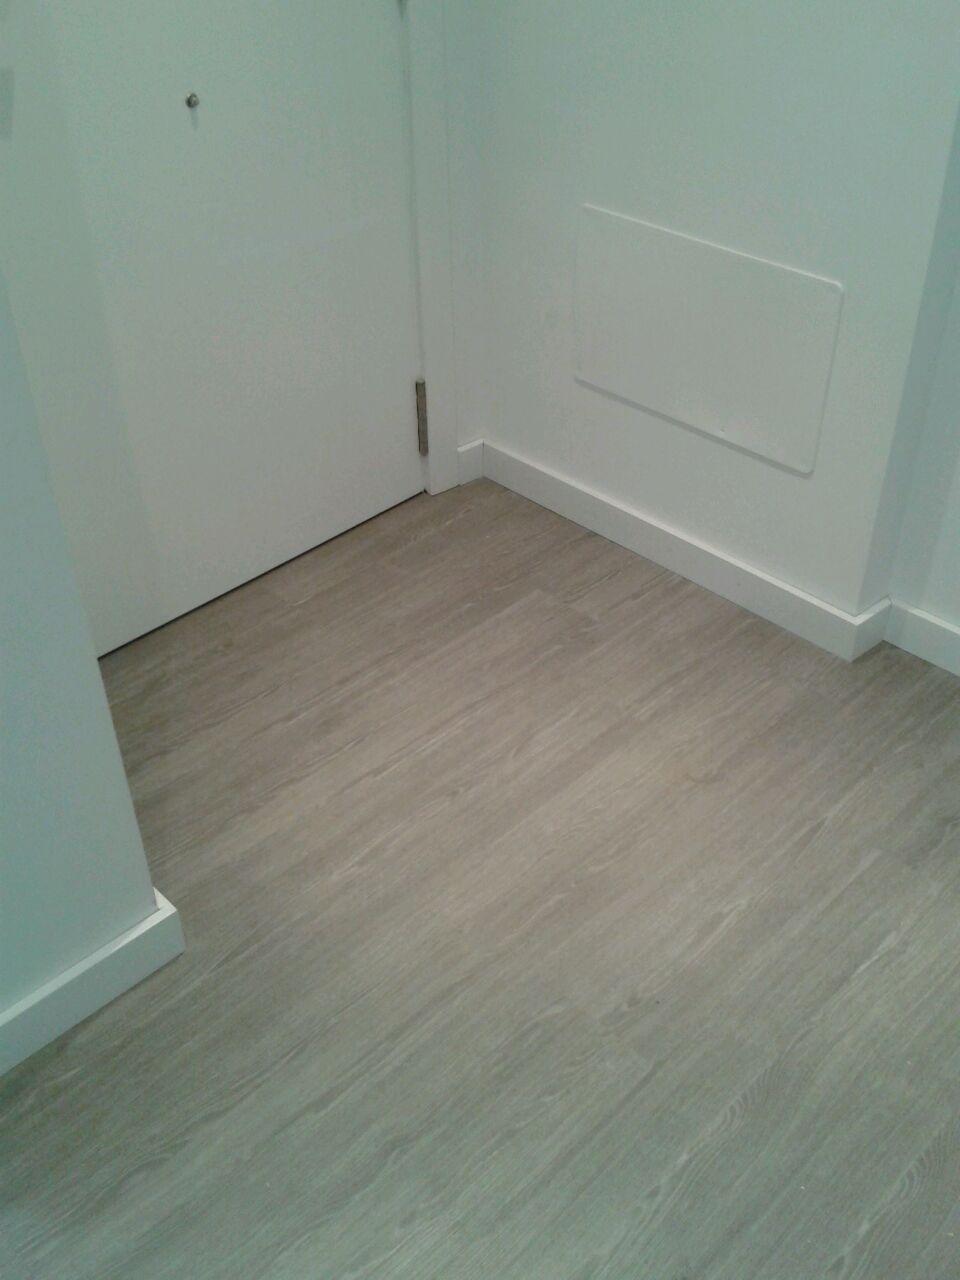 Imagen del conjunto del suelo laminado con el rodapié lacado en blanco